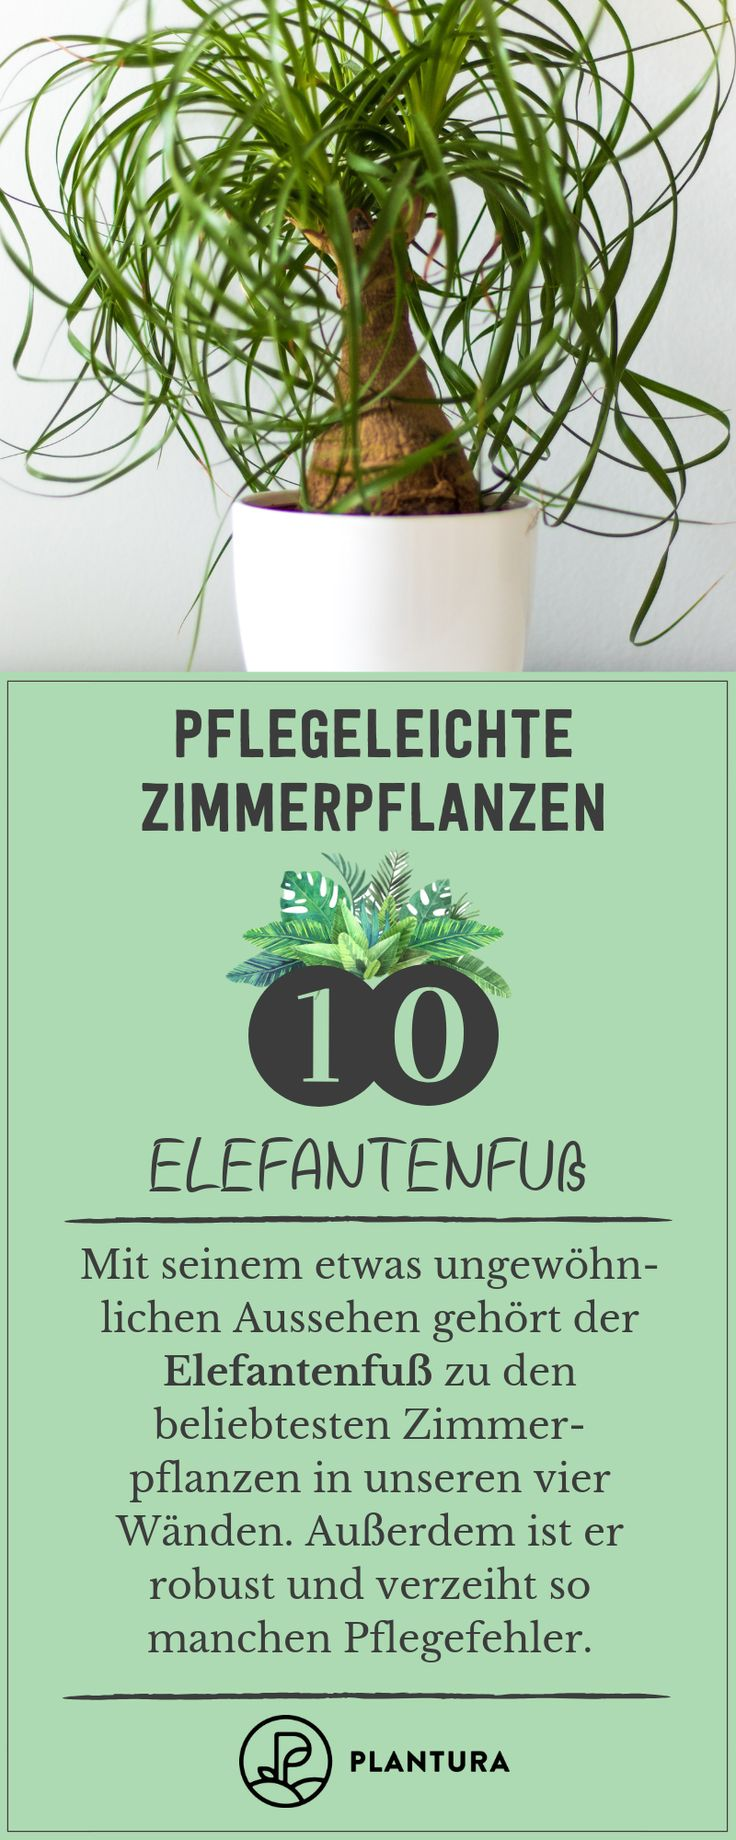 Pflegeleichte Zimmerpflanzen: Unsere Top 10 für Wohnung & Haus